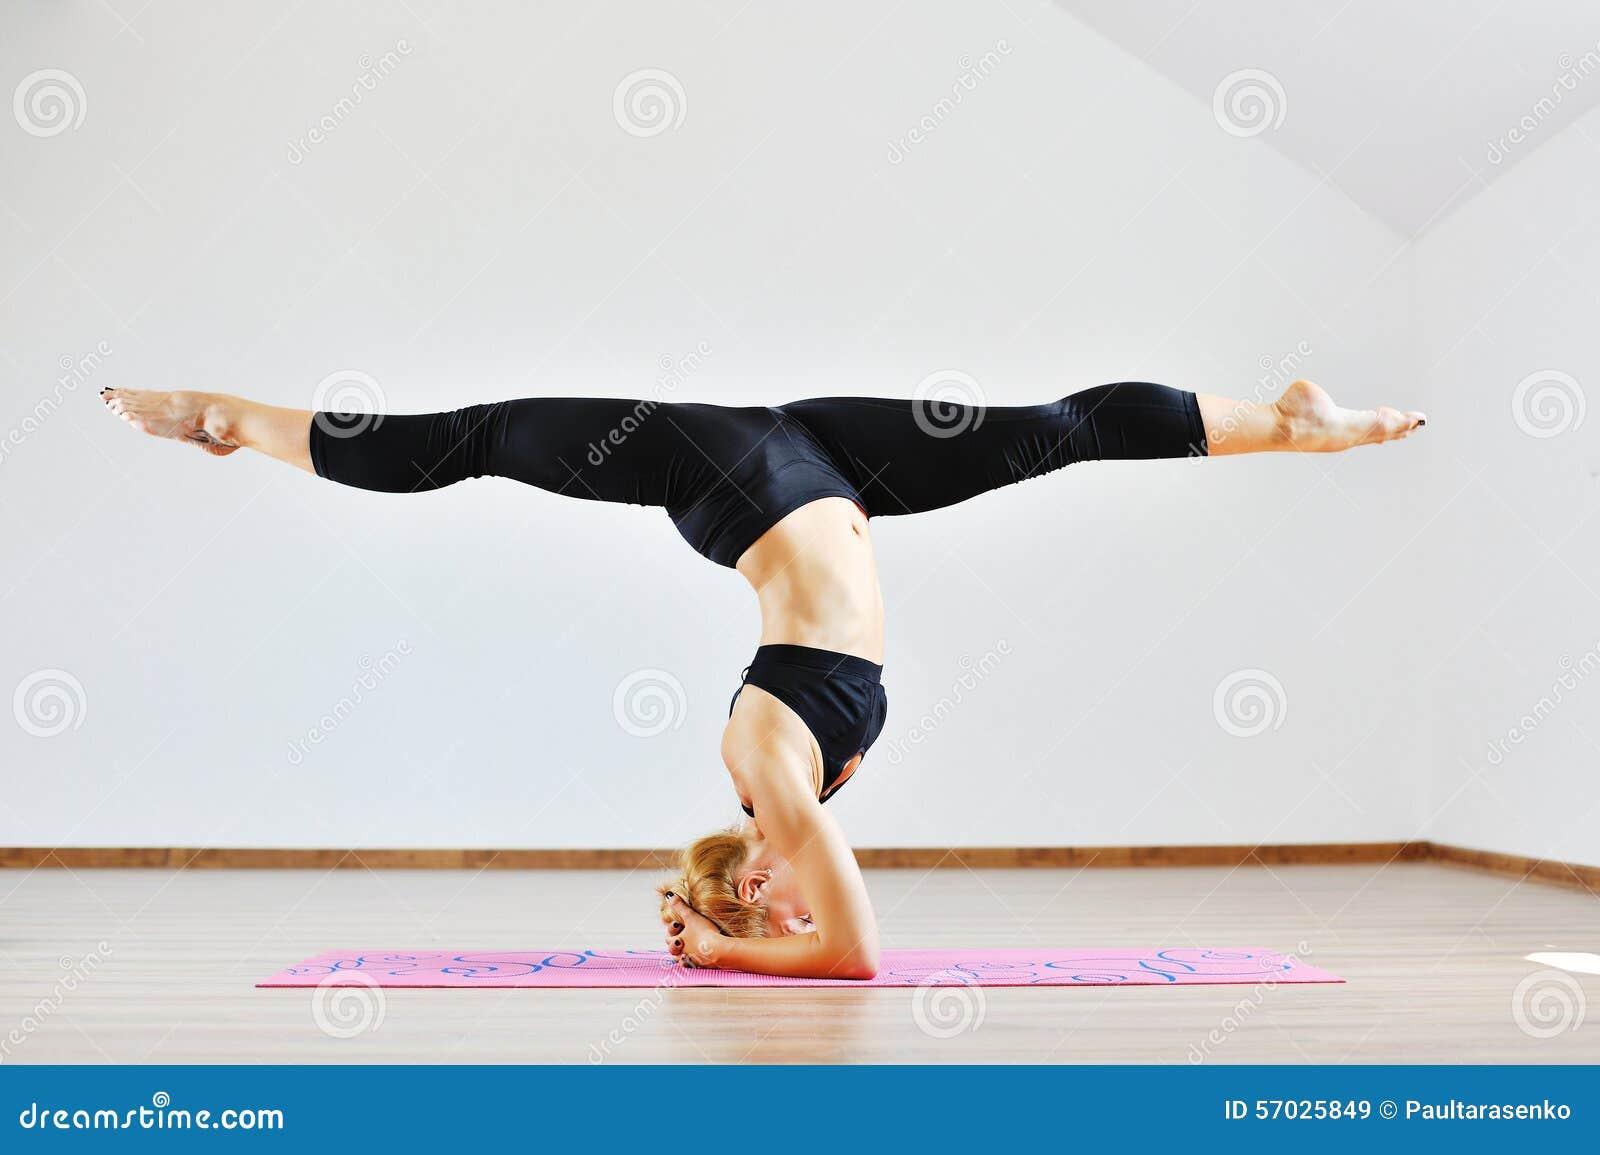 Νέα λεπτή gymnast γυναίκα στον αθλητισμό που ντύνει τη μόνιμη άνω πλευρά - κάτω